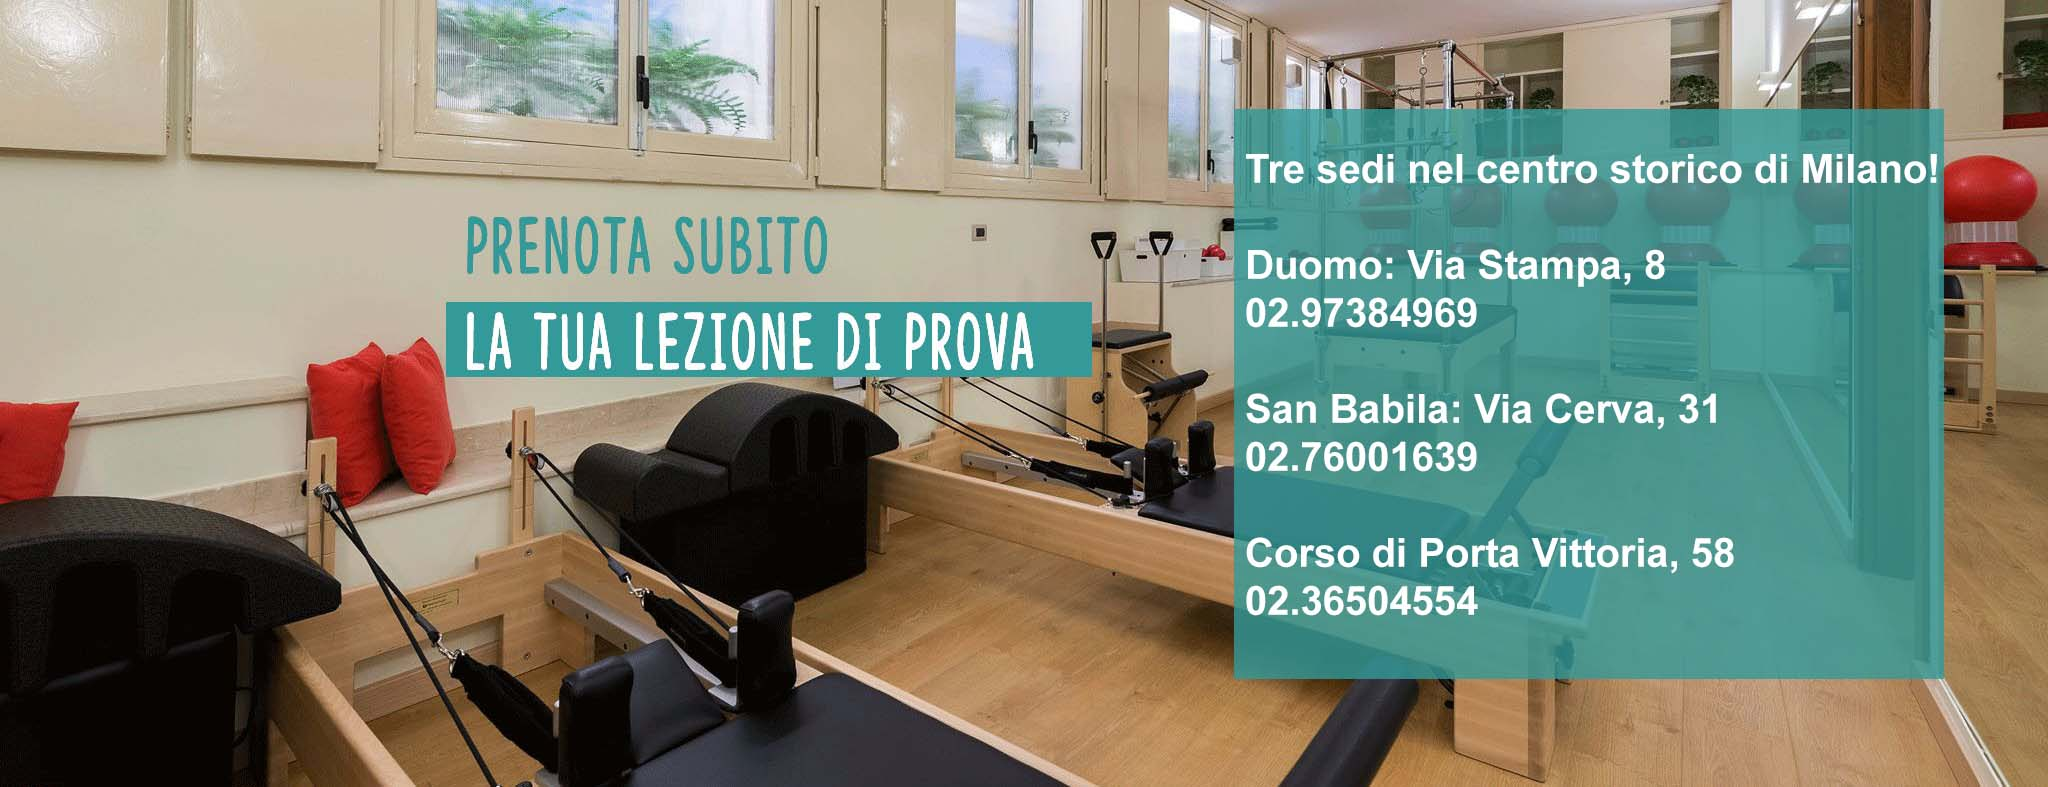 Pilates Corso Monforte Milano - Prenota subito la tua lezione di prova